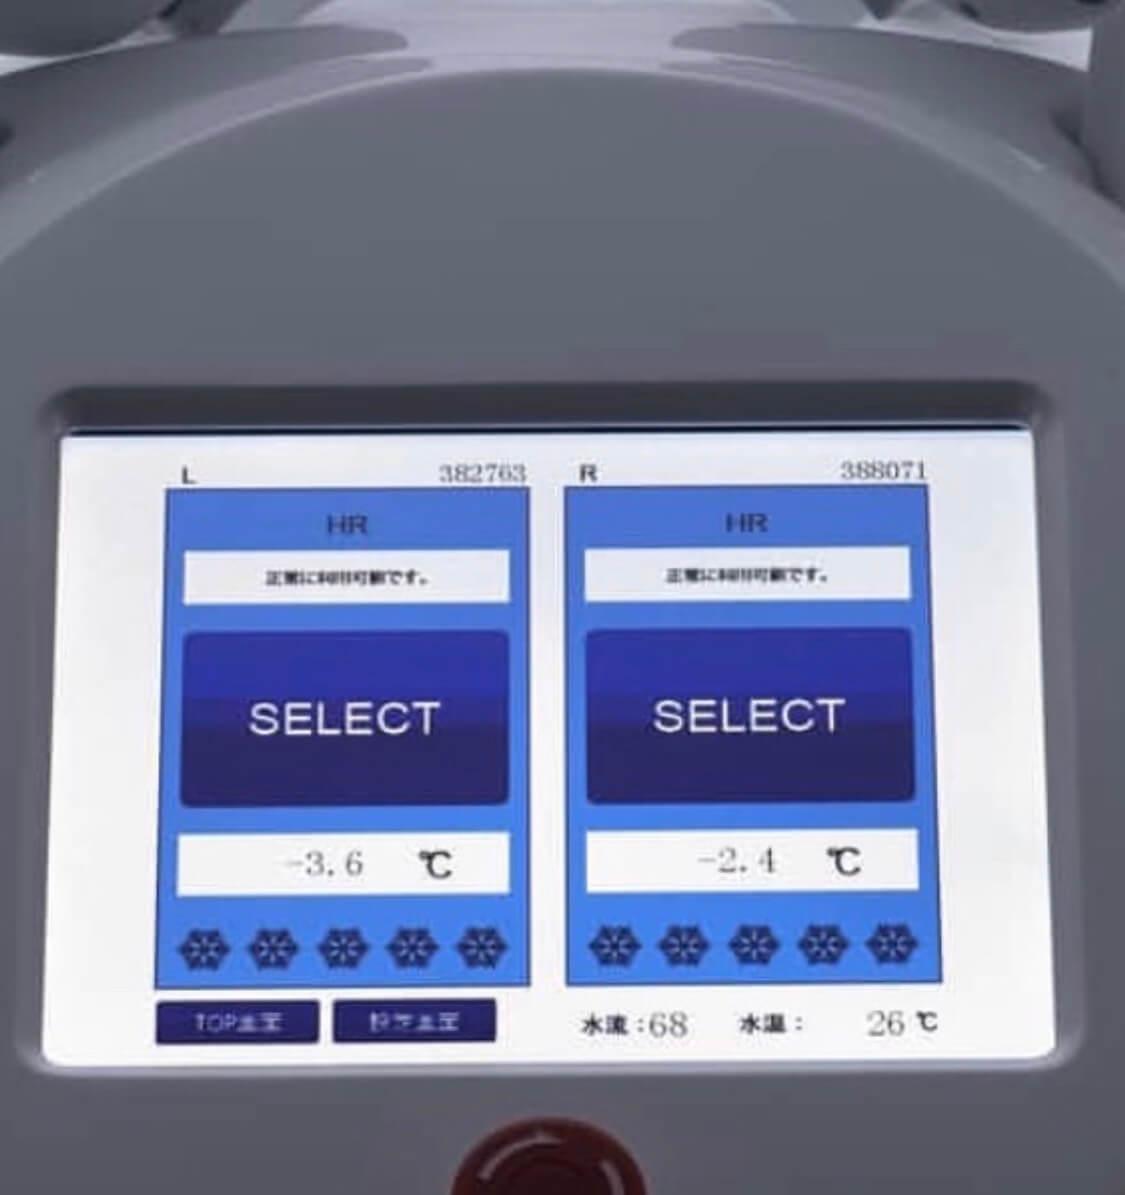 タッチパネル温度管理システム搭載